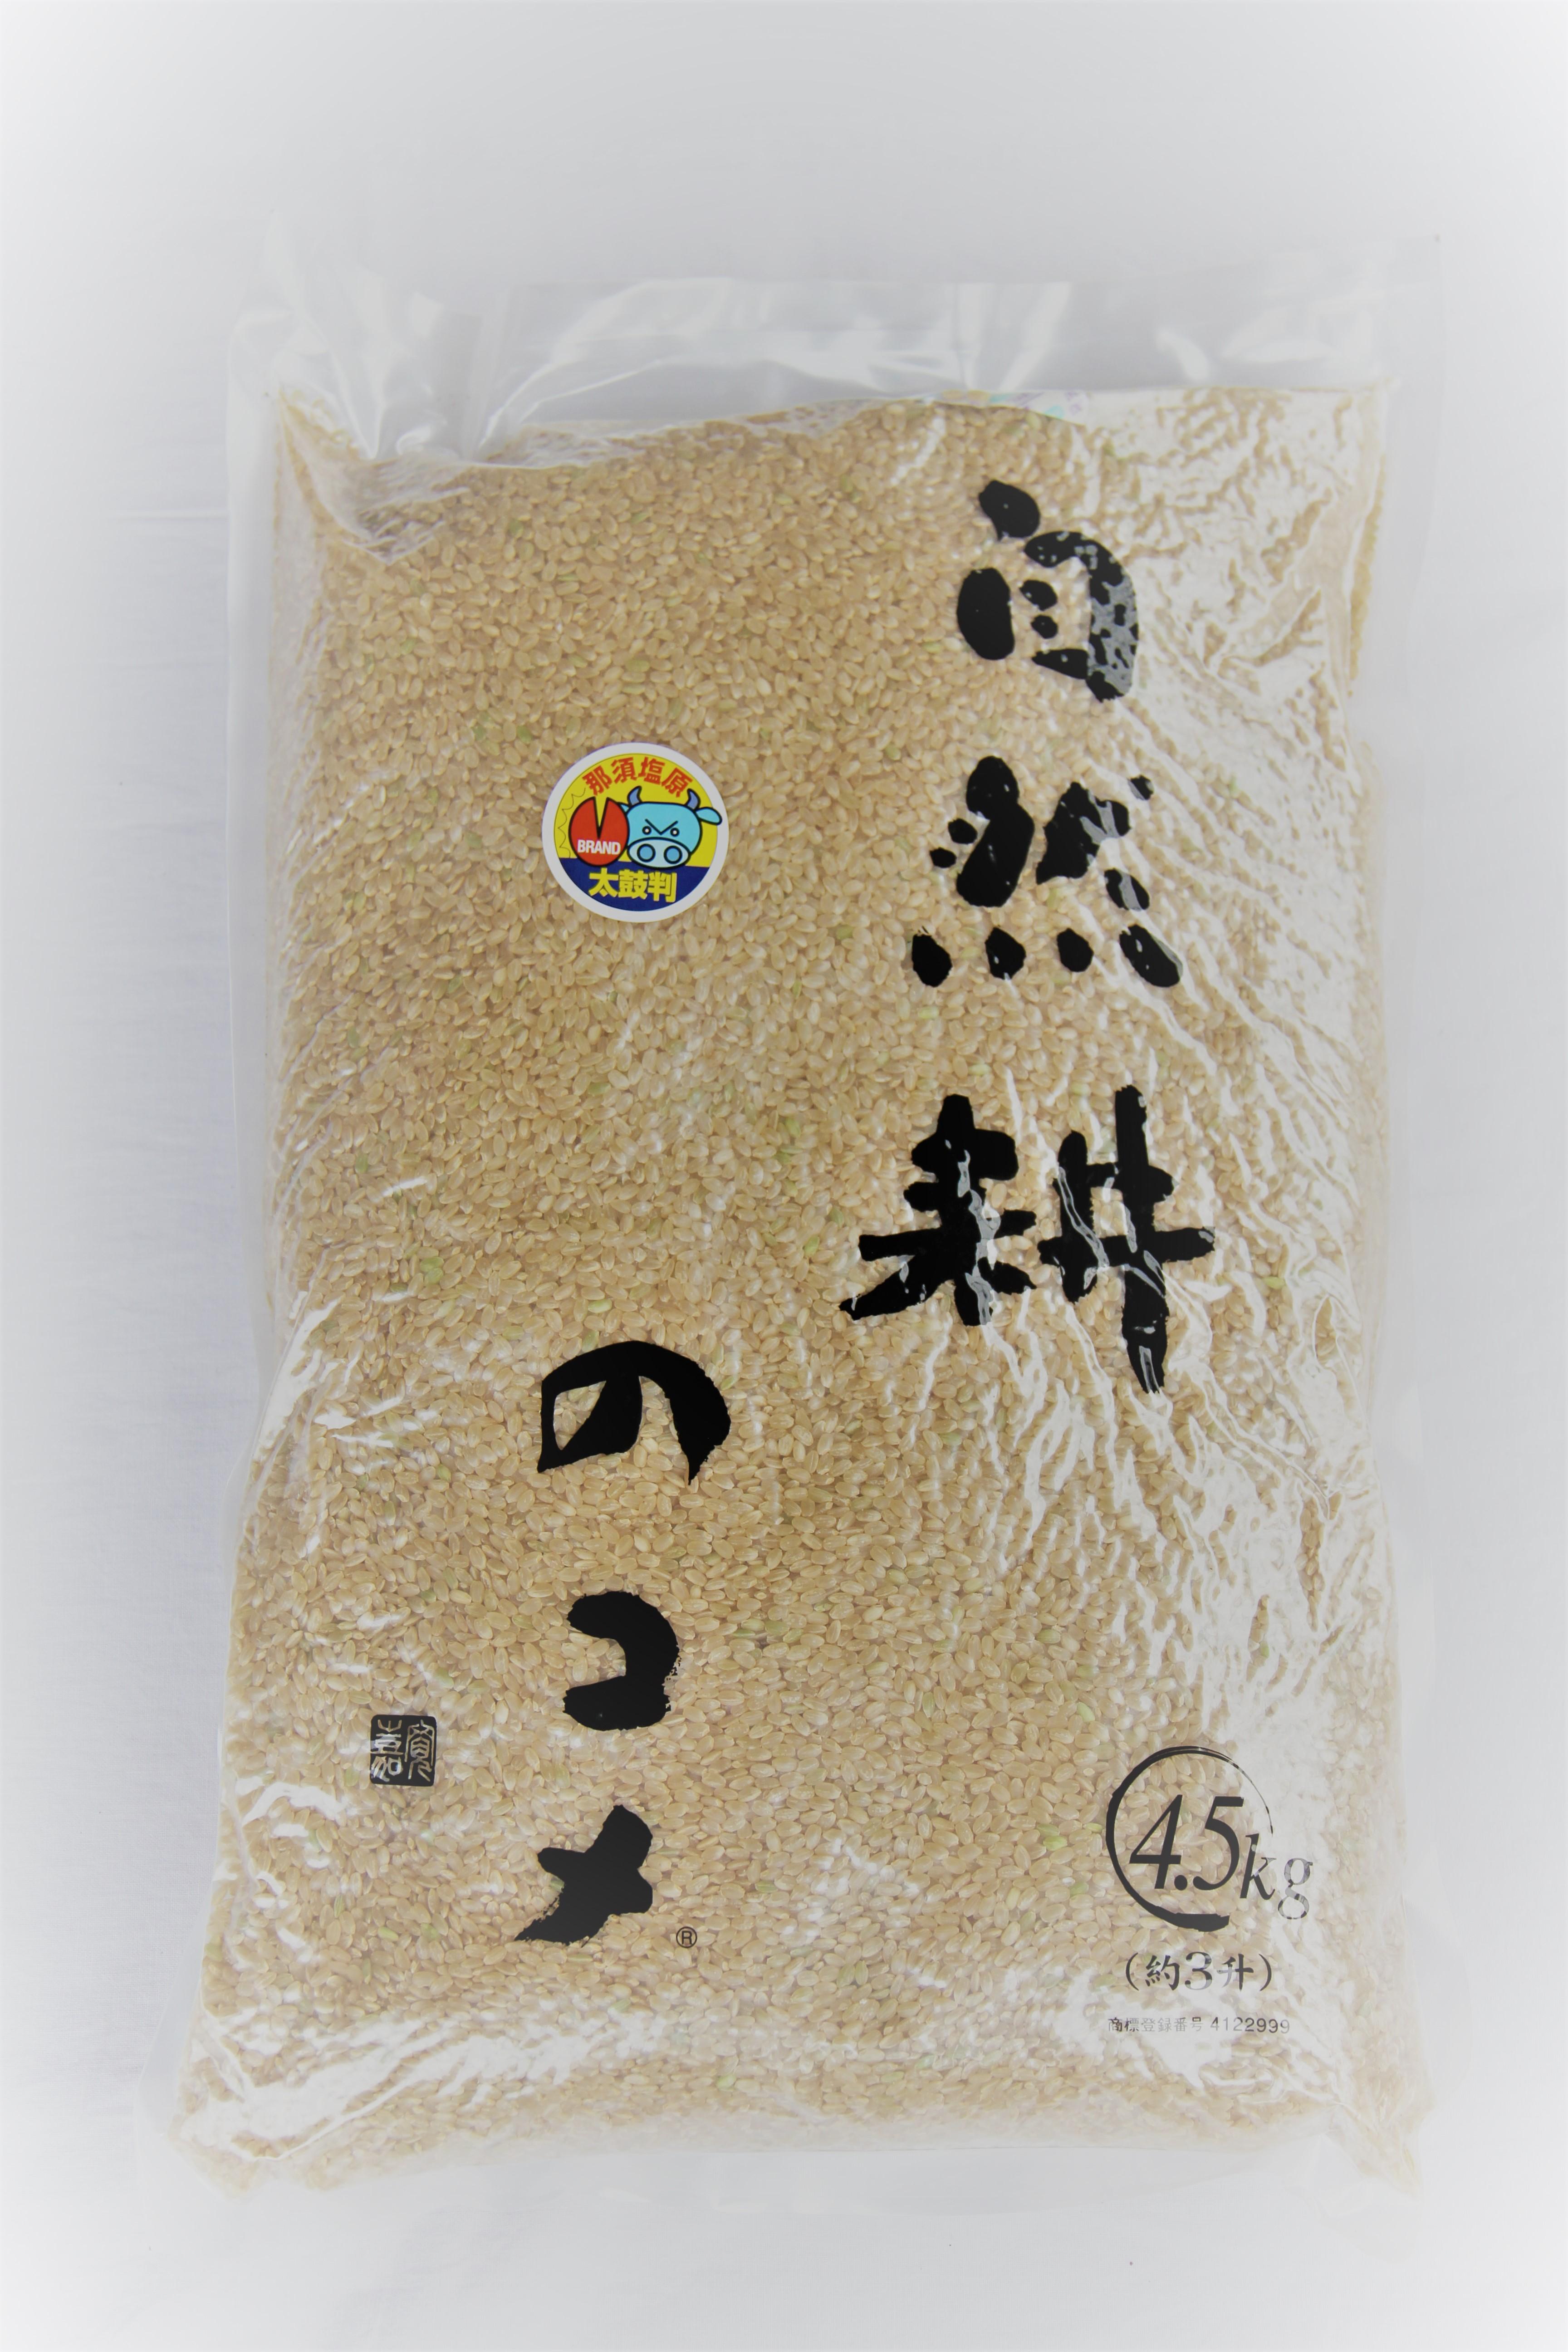 自然耕の米 (玄米)4.5kg  ナスアグリ 那須塩原ブランド認定